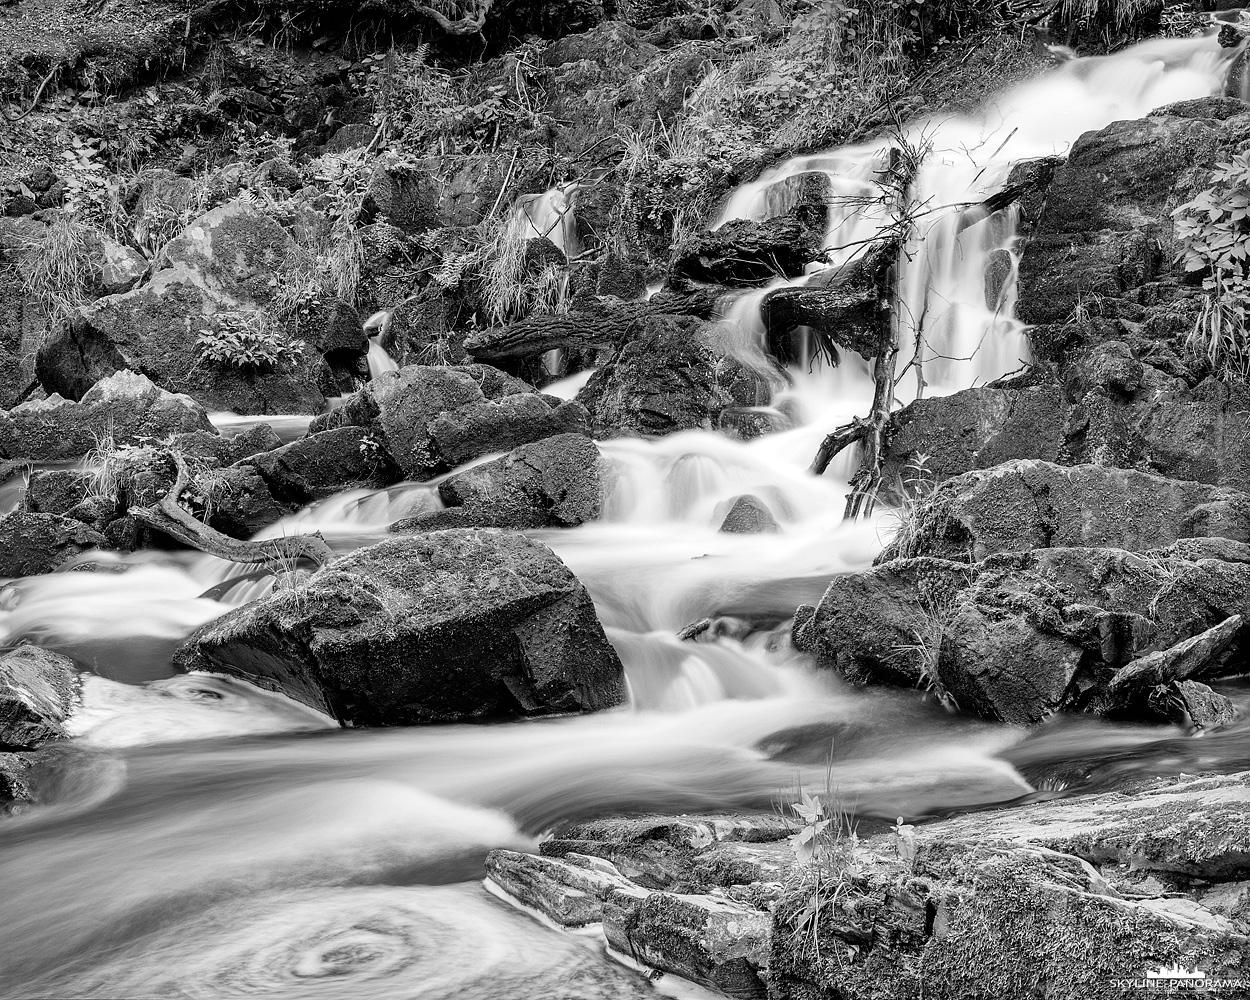 """4x5 Grossformat aus dem Harz - Eine weite Ansicht des kleinen Wasserfalls bei Alexisbad im Selketal. Das Bild ist mit einer 4x5"""" Grossformatkamera aufgenommen"""